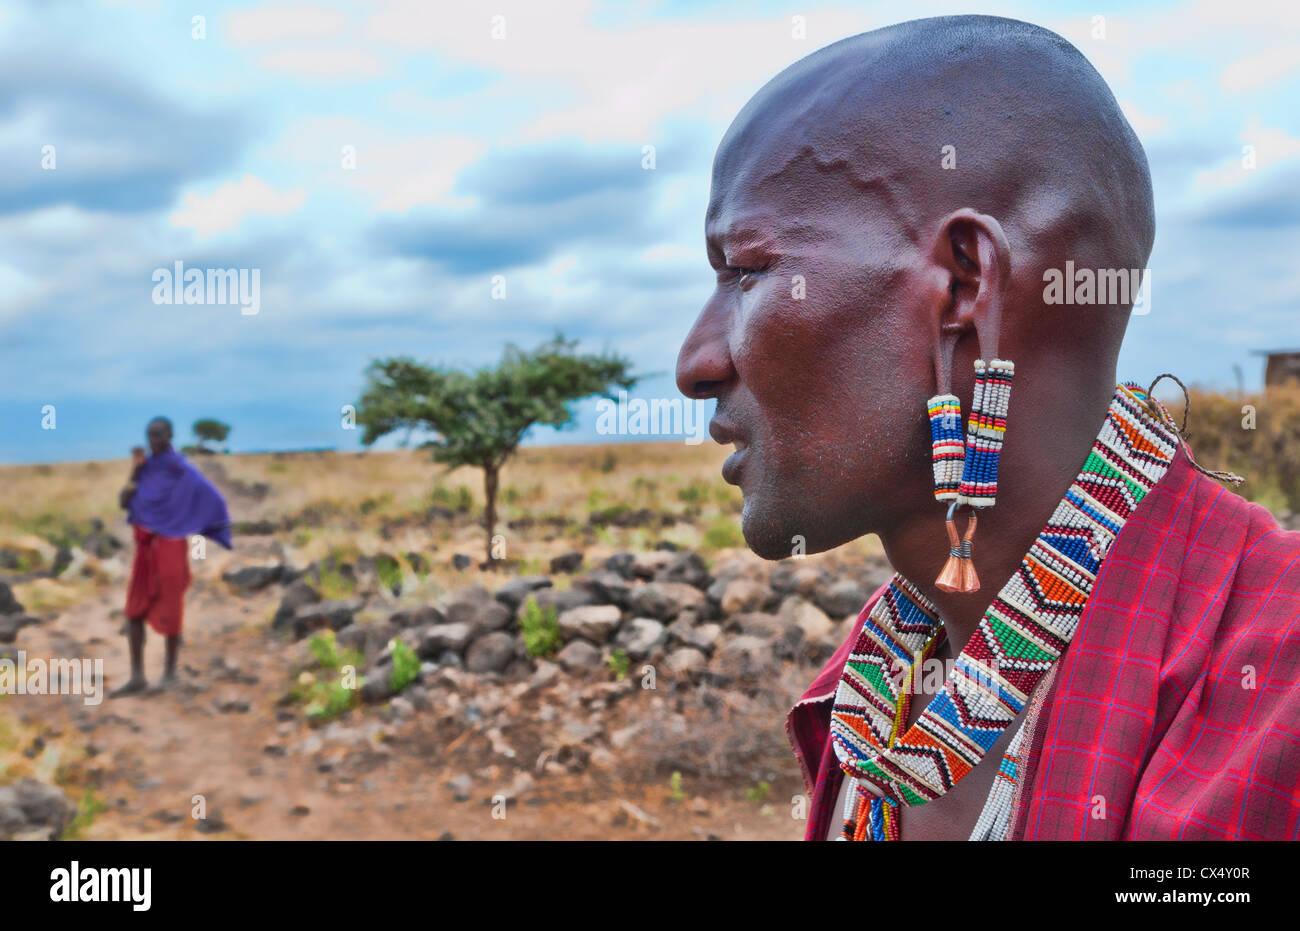 Kenya Africa Amboseli tribù Masai villaggio Masai uomo in costume rosso vestito e talloni close up di gioielleria Immagini Stock